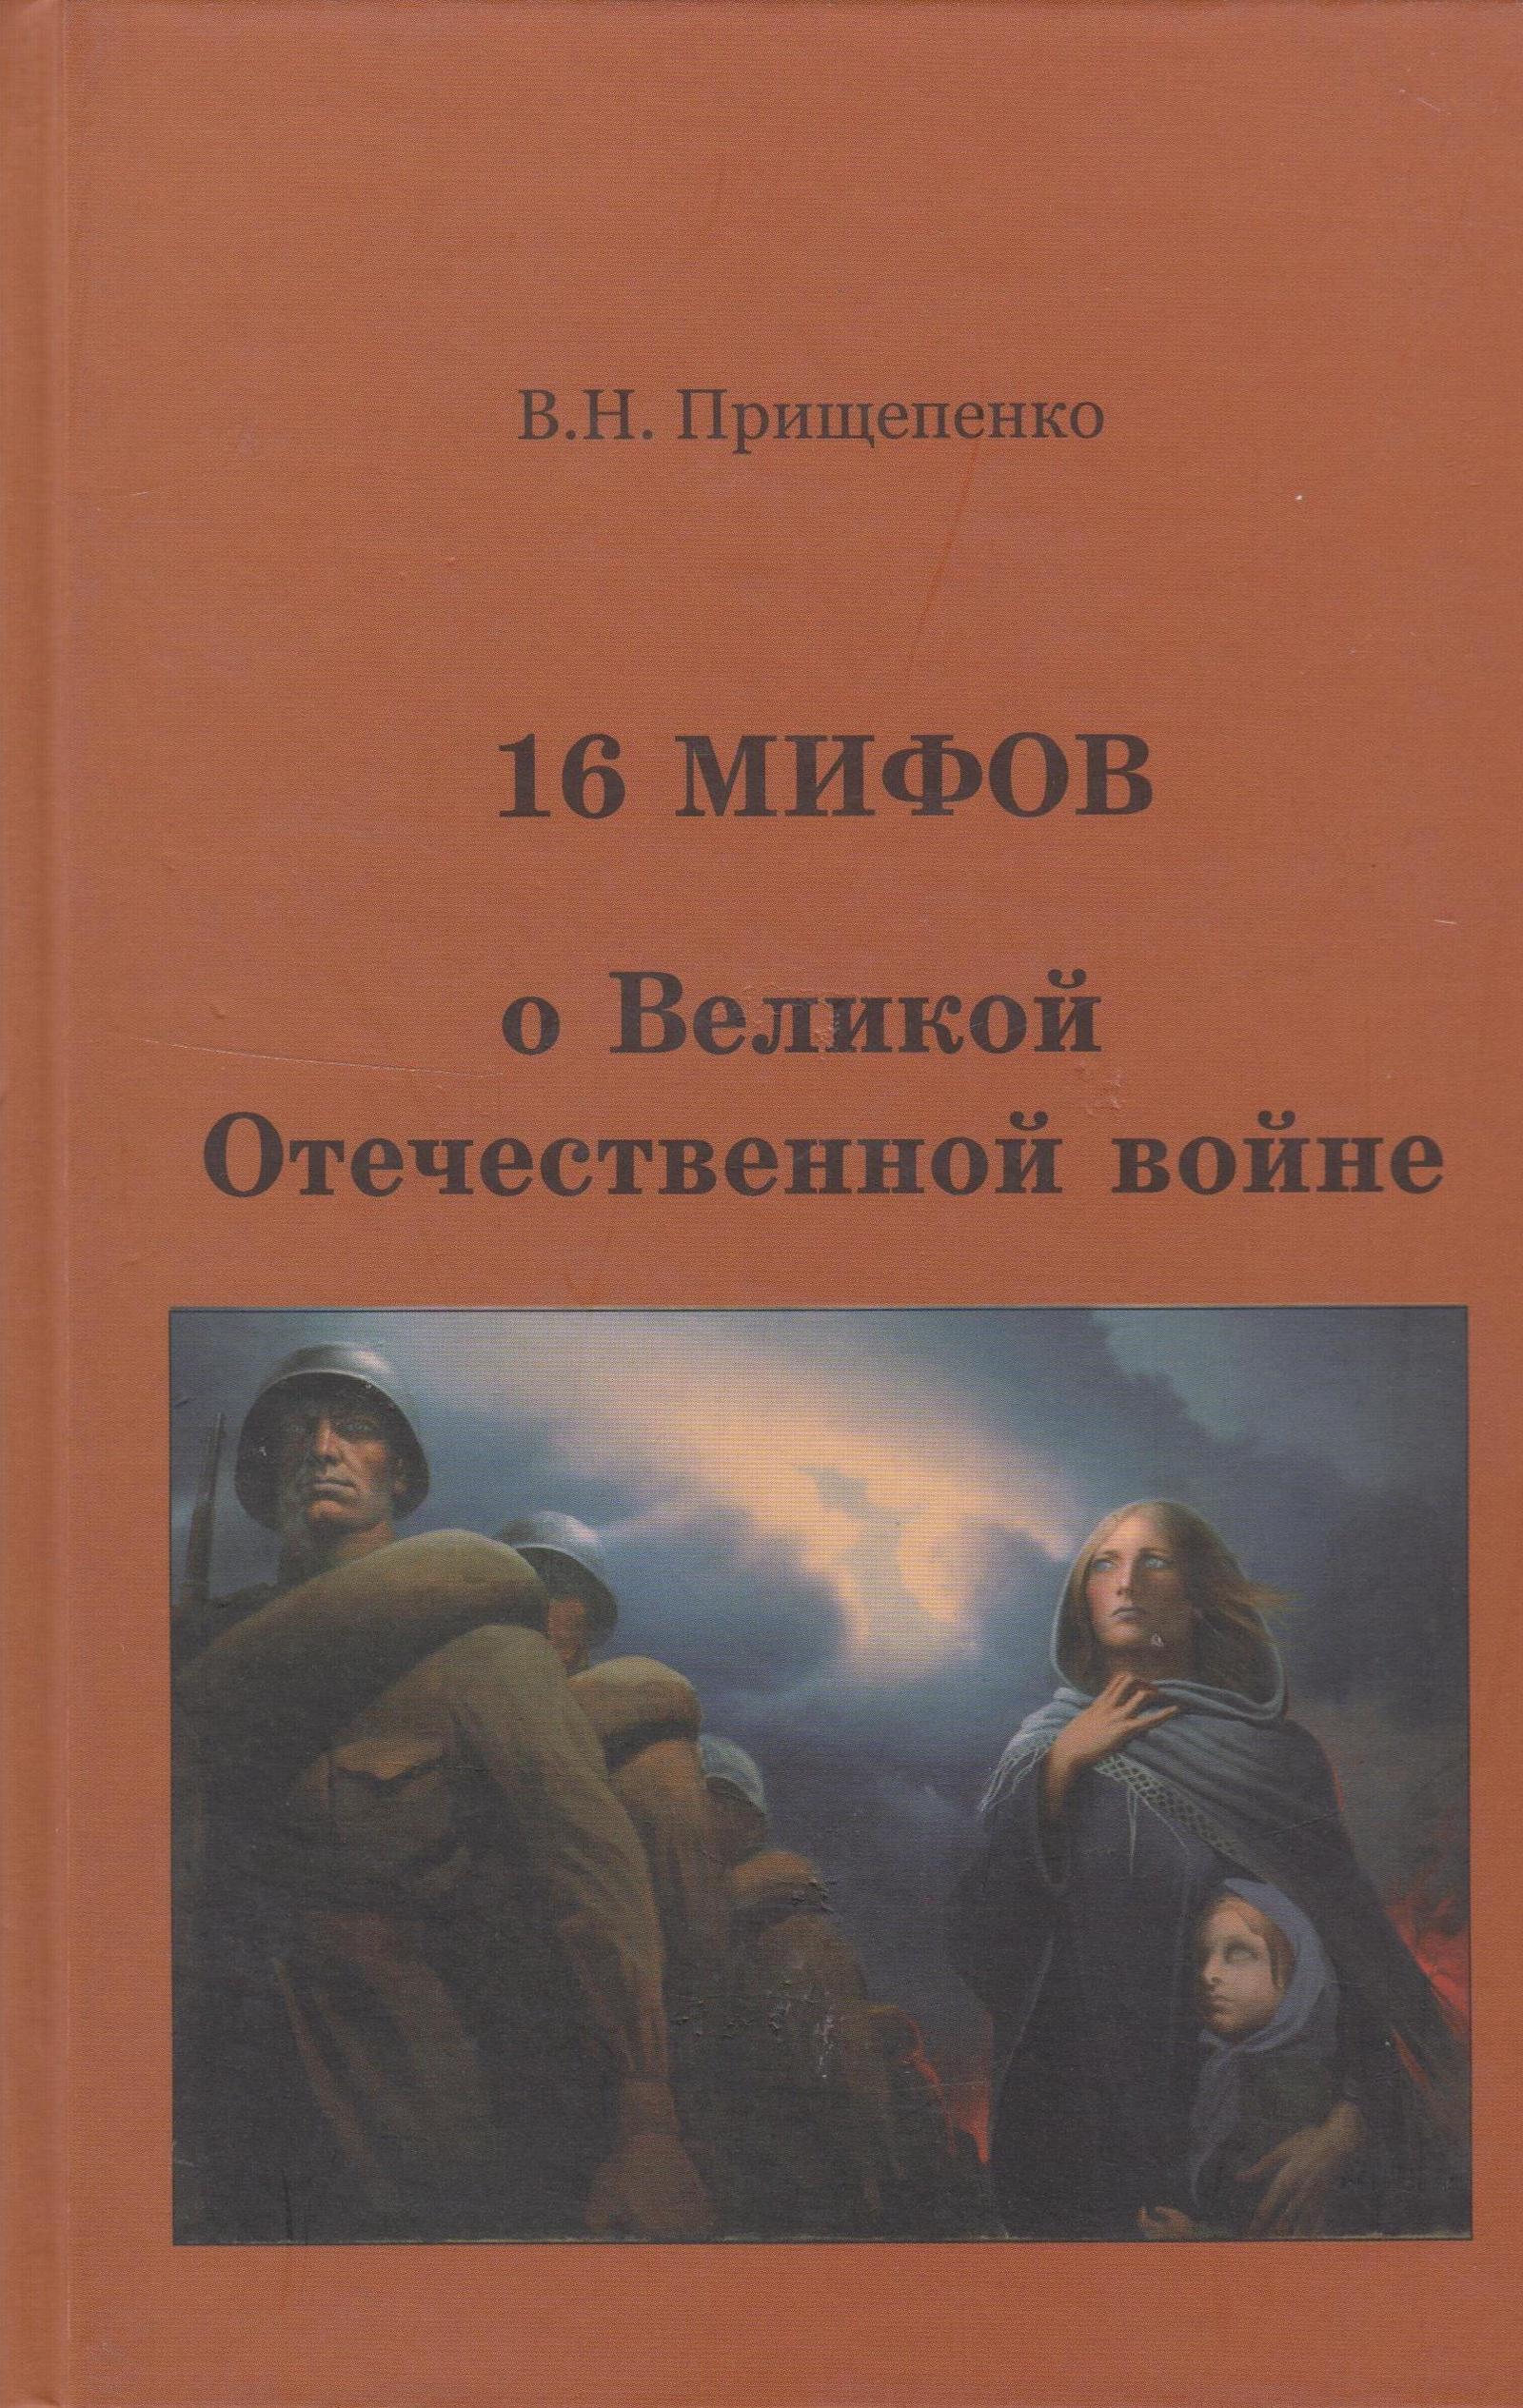 Прищепенко Виктор Николаевич 16 мифов о Великой Отечественной войне